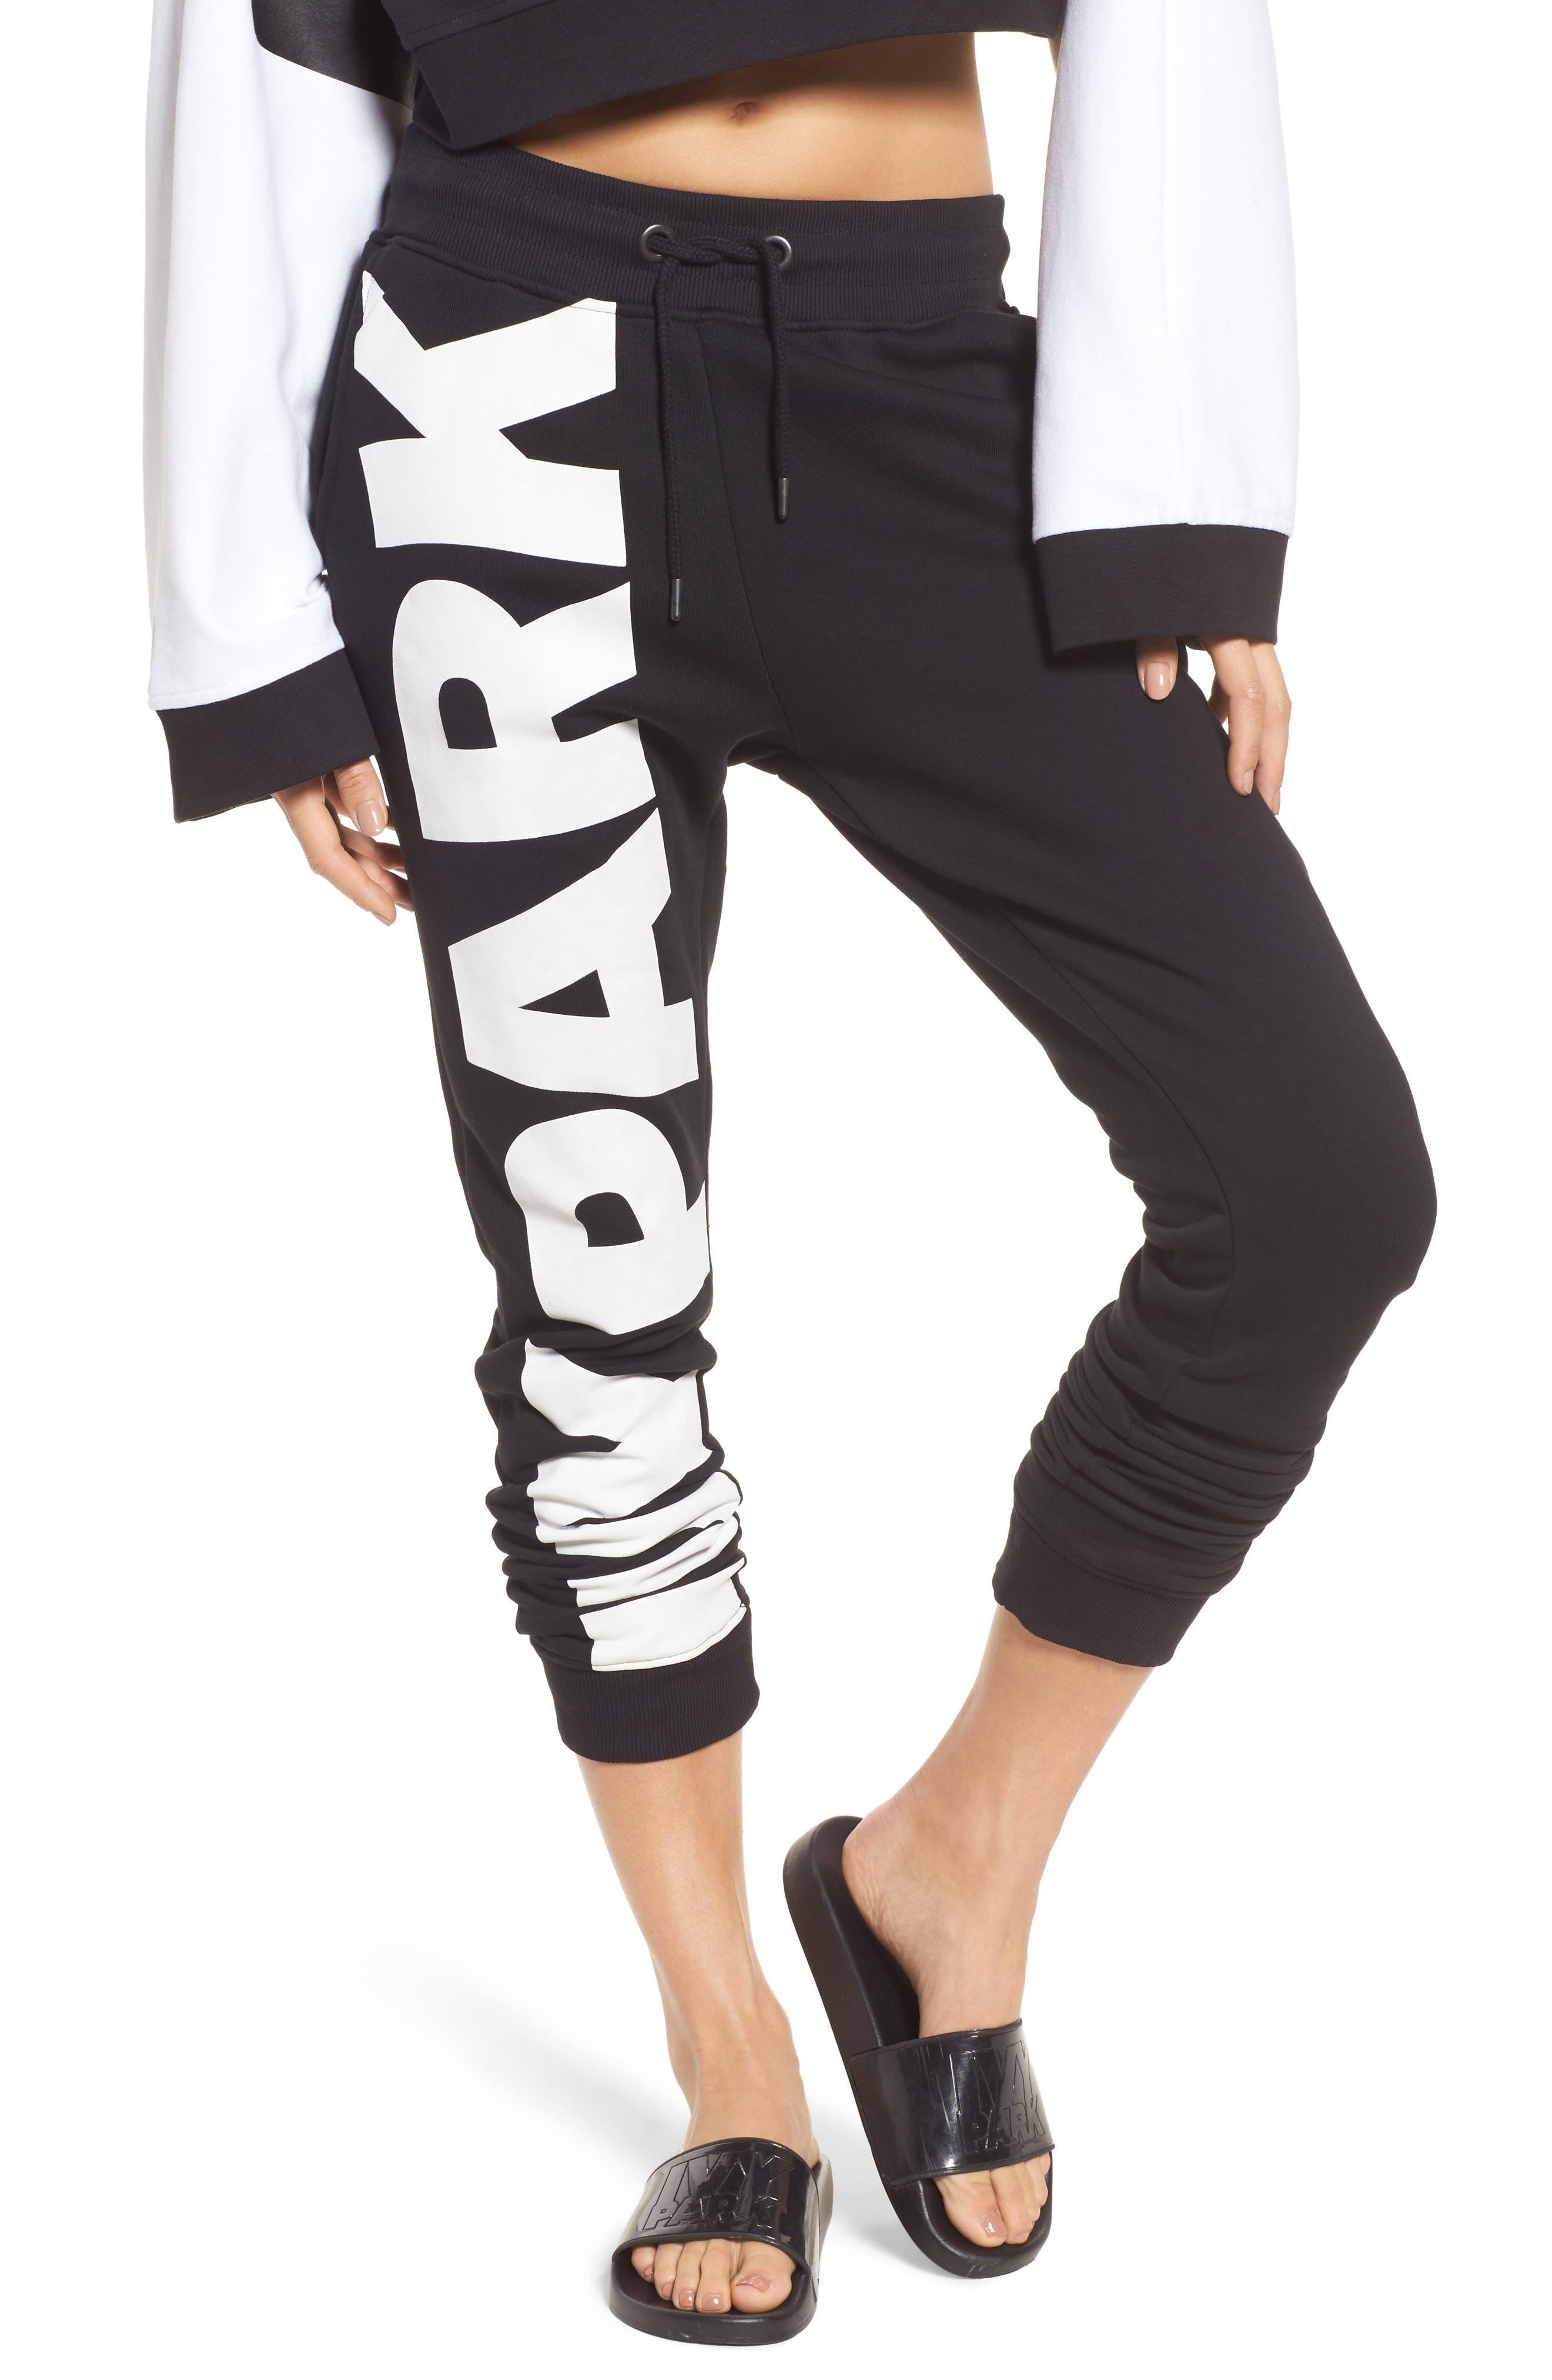 Main Image - IVY PARK® Big Logo Jogger Pants